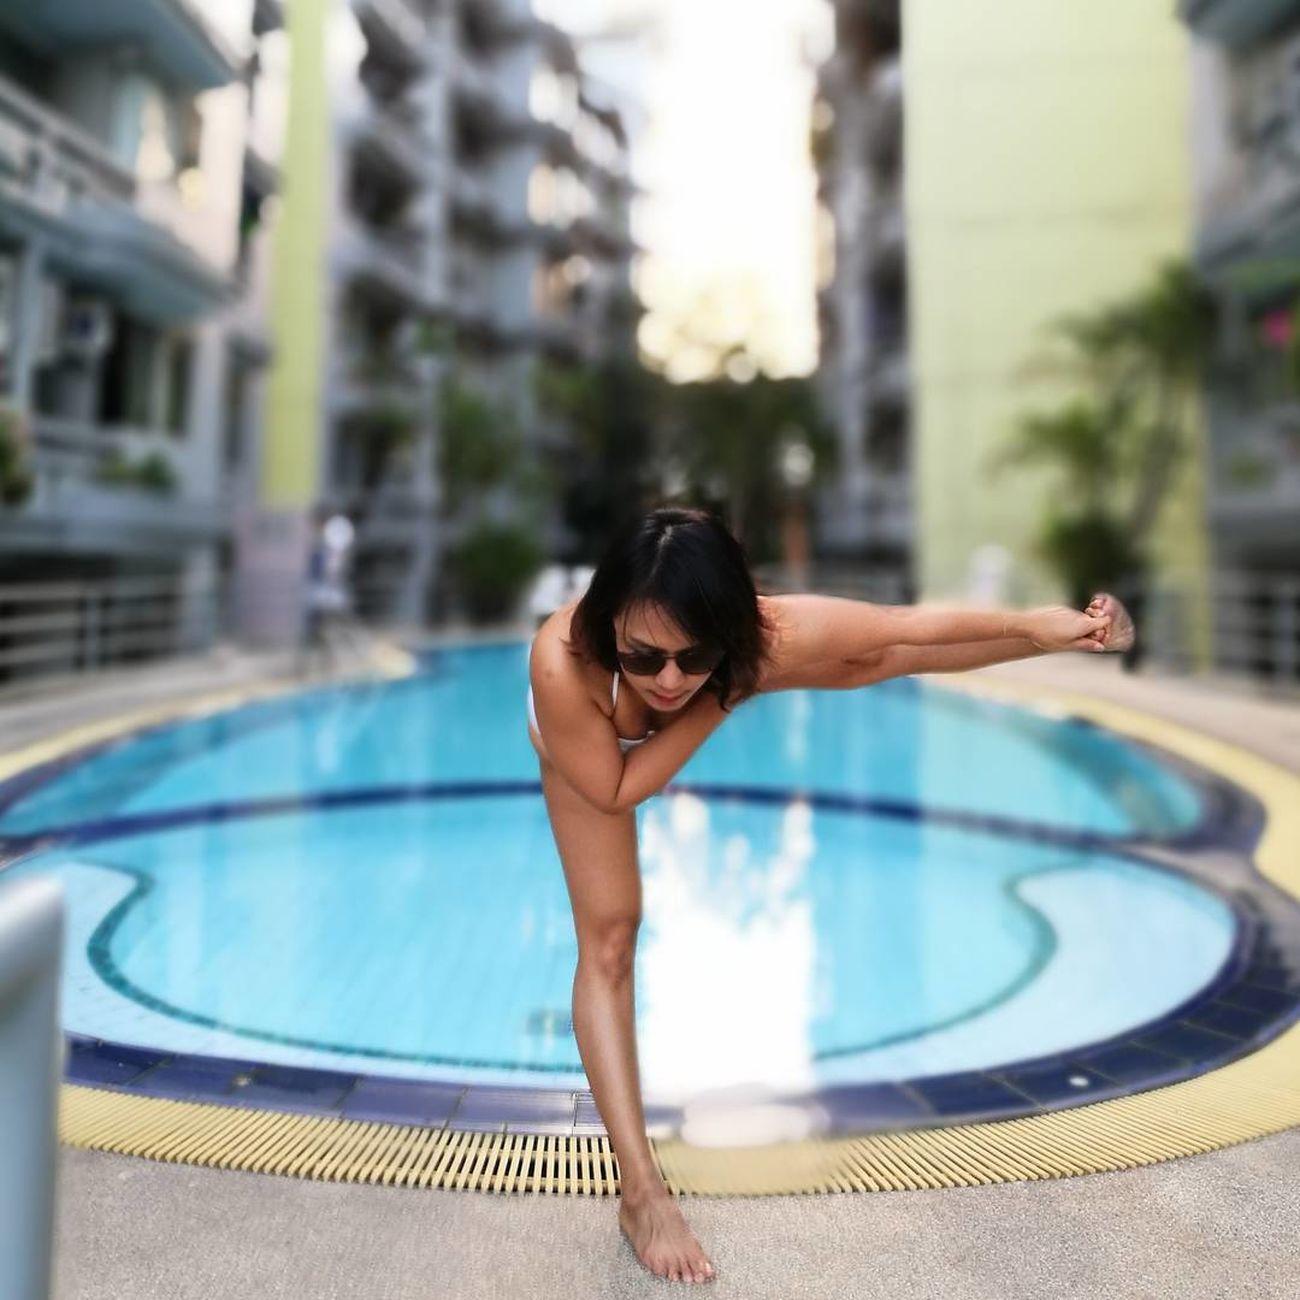 Yoga Leisure Activity Swimming Pool Happiness Yoga Pose Yogaeverydamnday Yogalove Yogini Yogagirl Yogatime Yogapractice Yogaeveryday Yogaeverywhere Yogainspiration